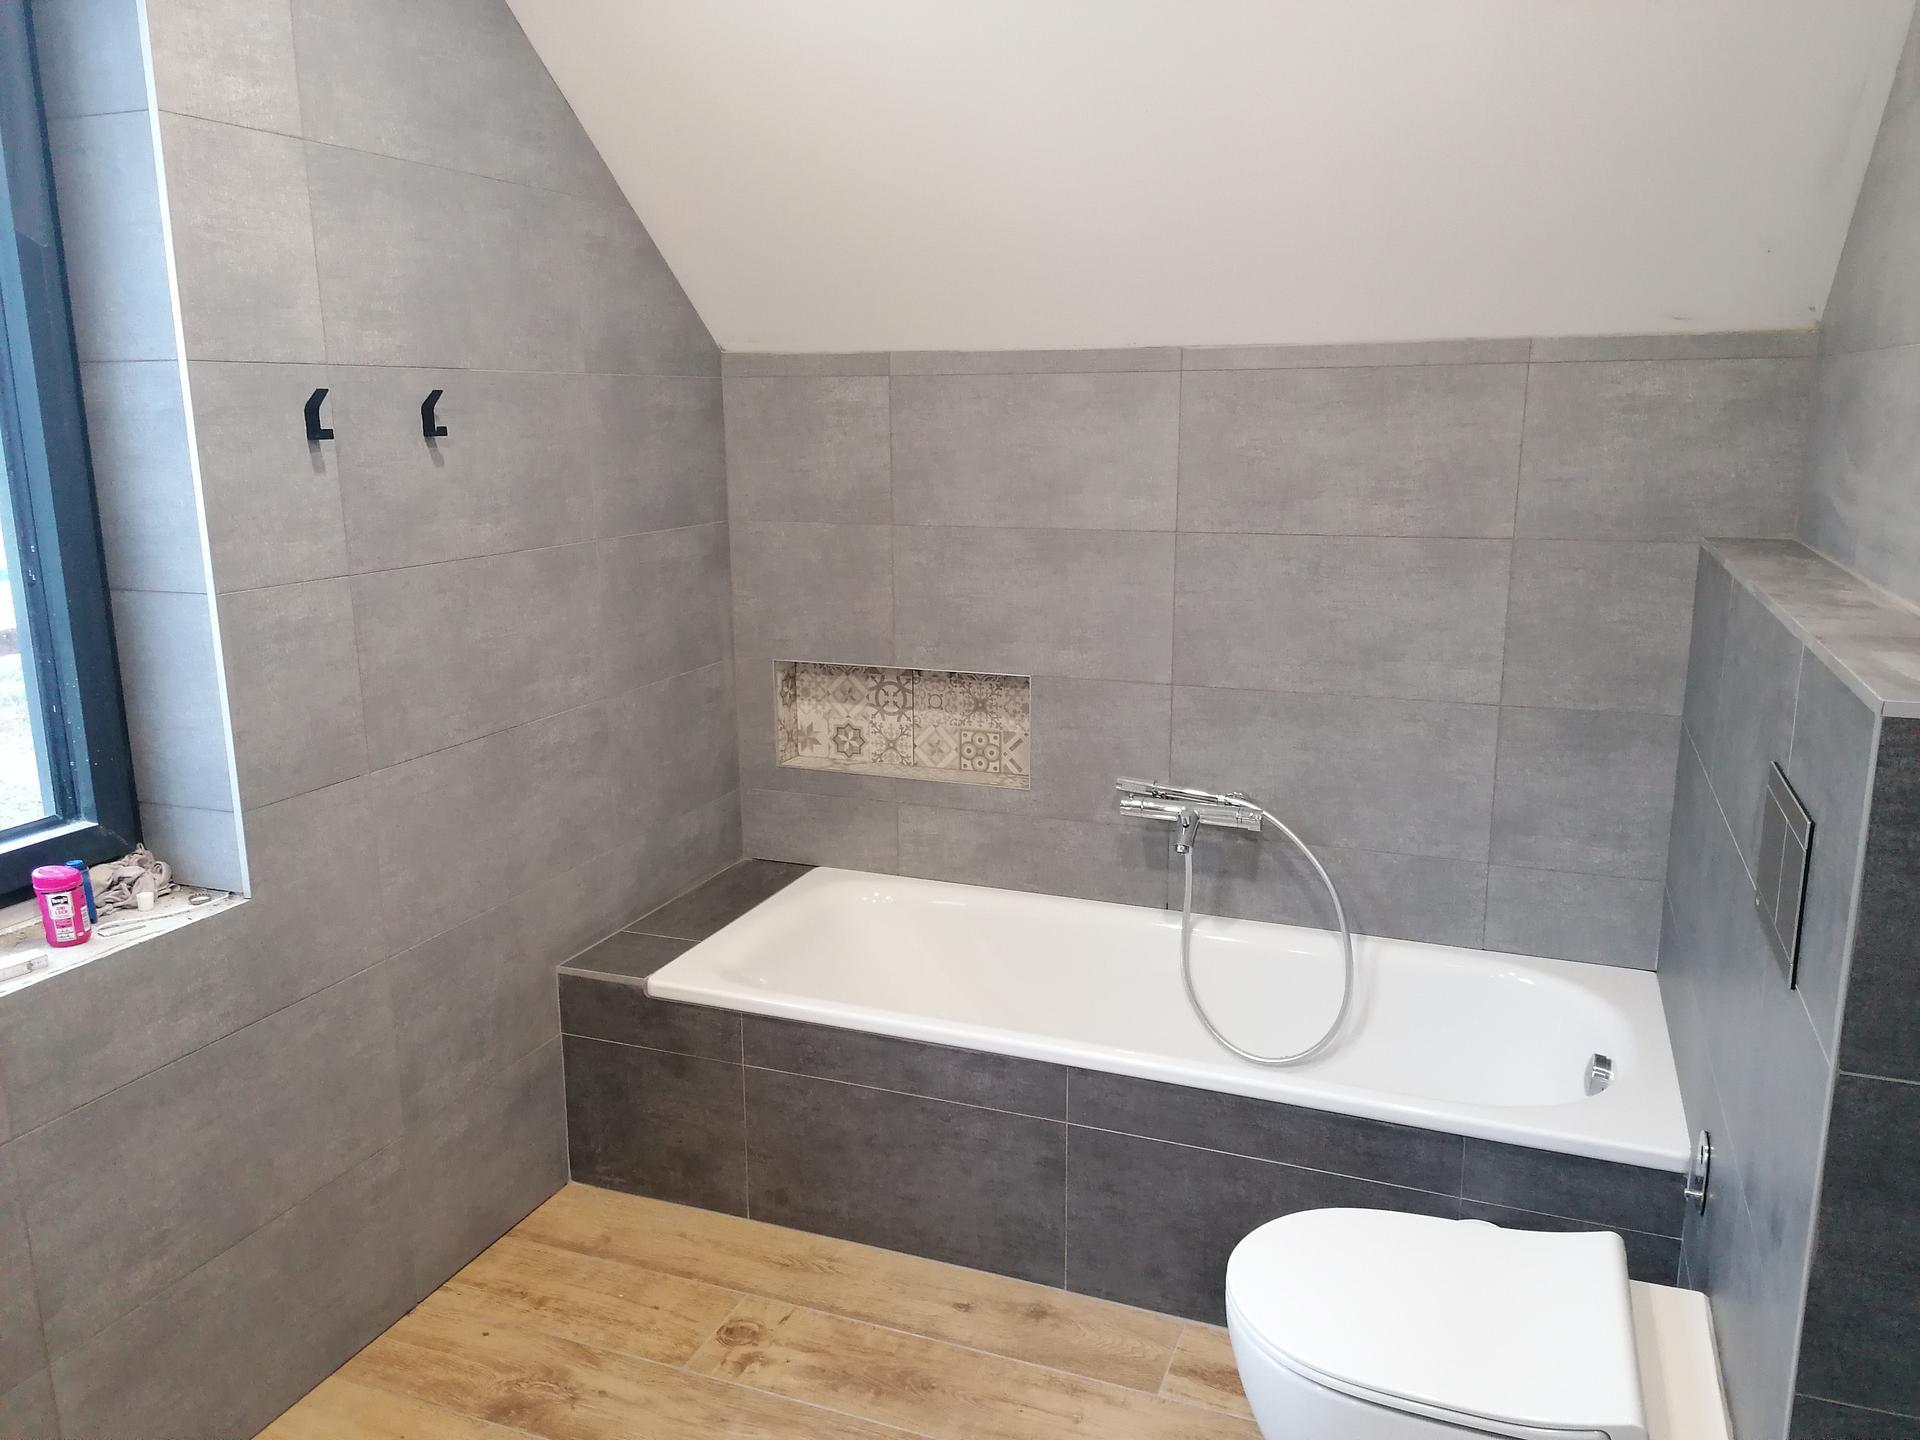 Pasiv Svépomocí 2021 - koupelna v podkroví - vana